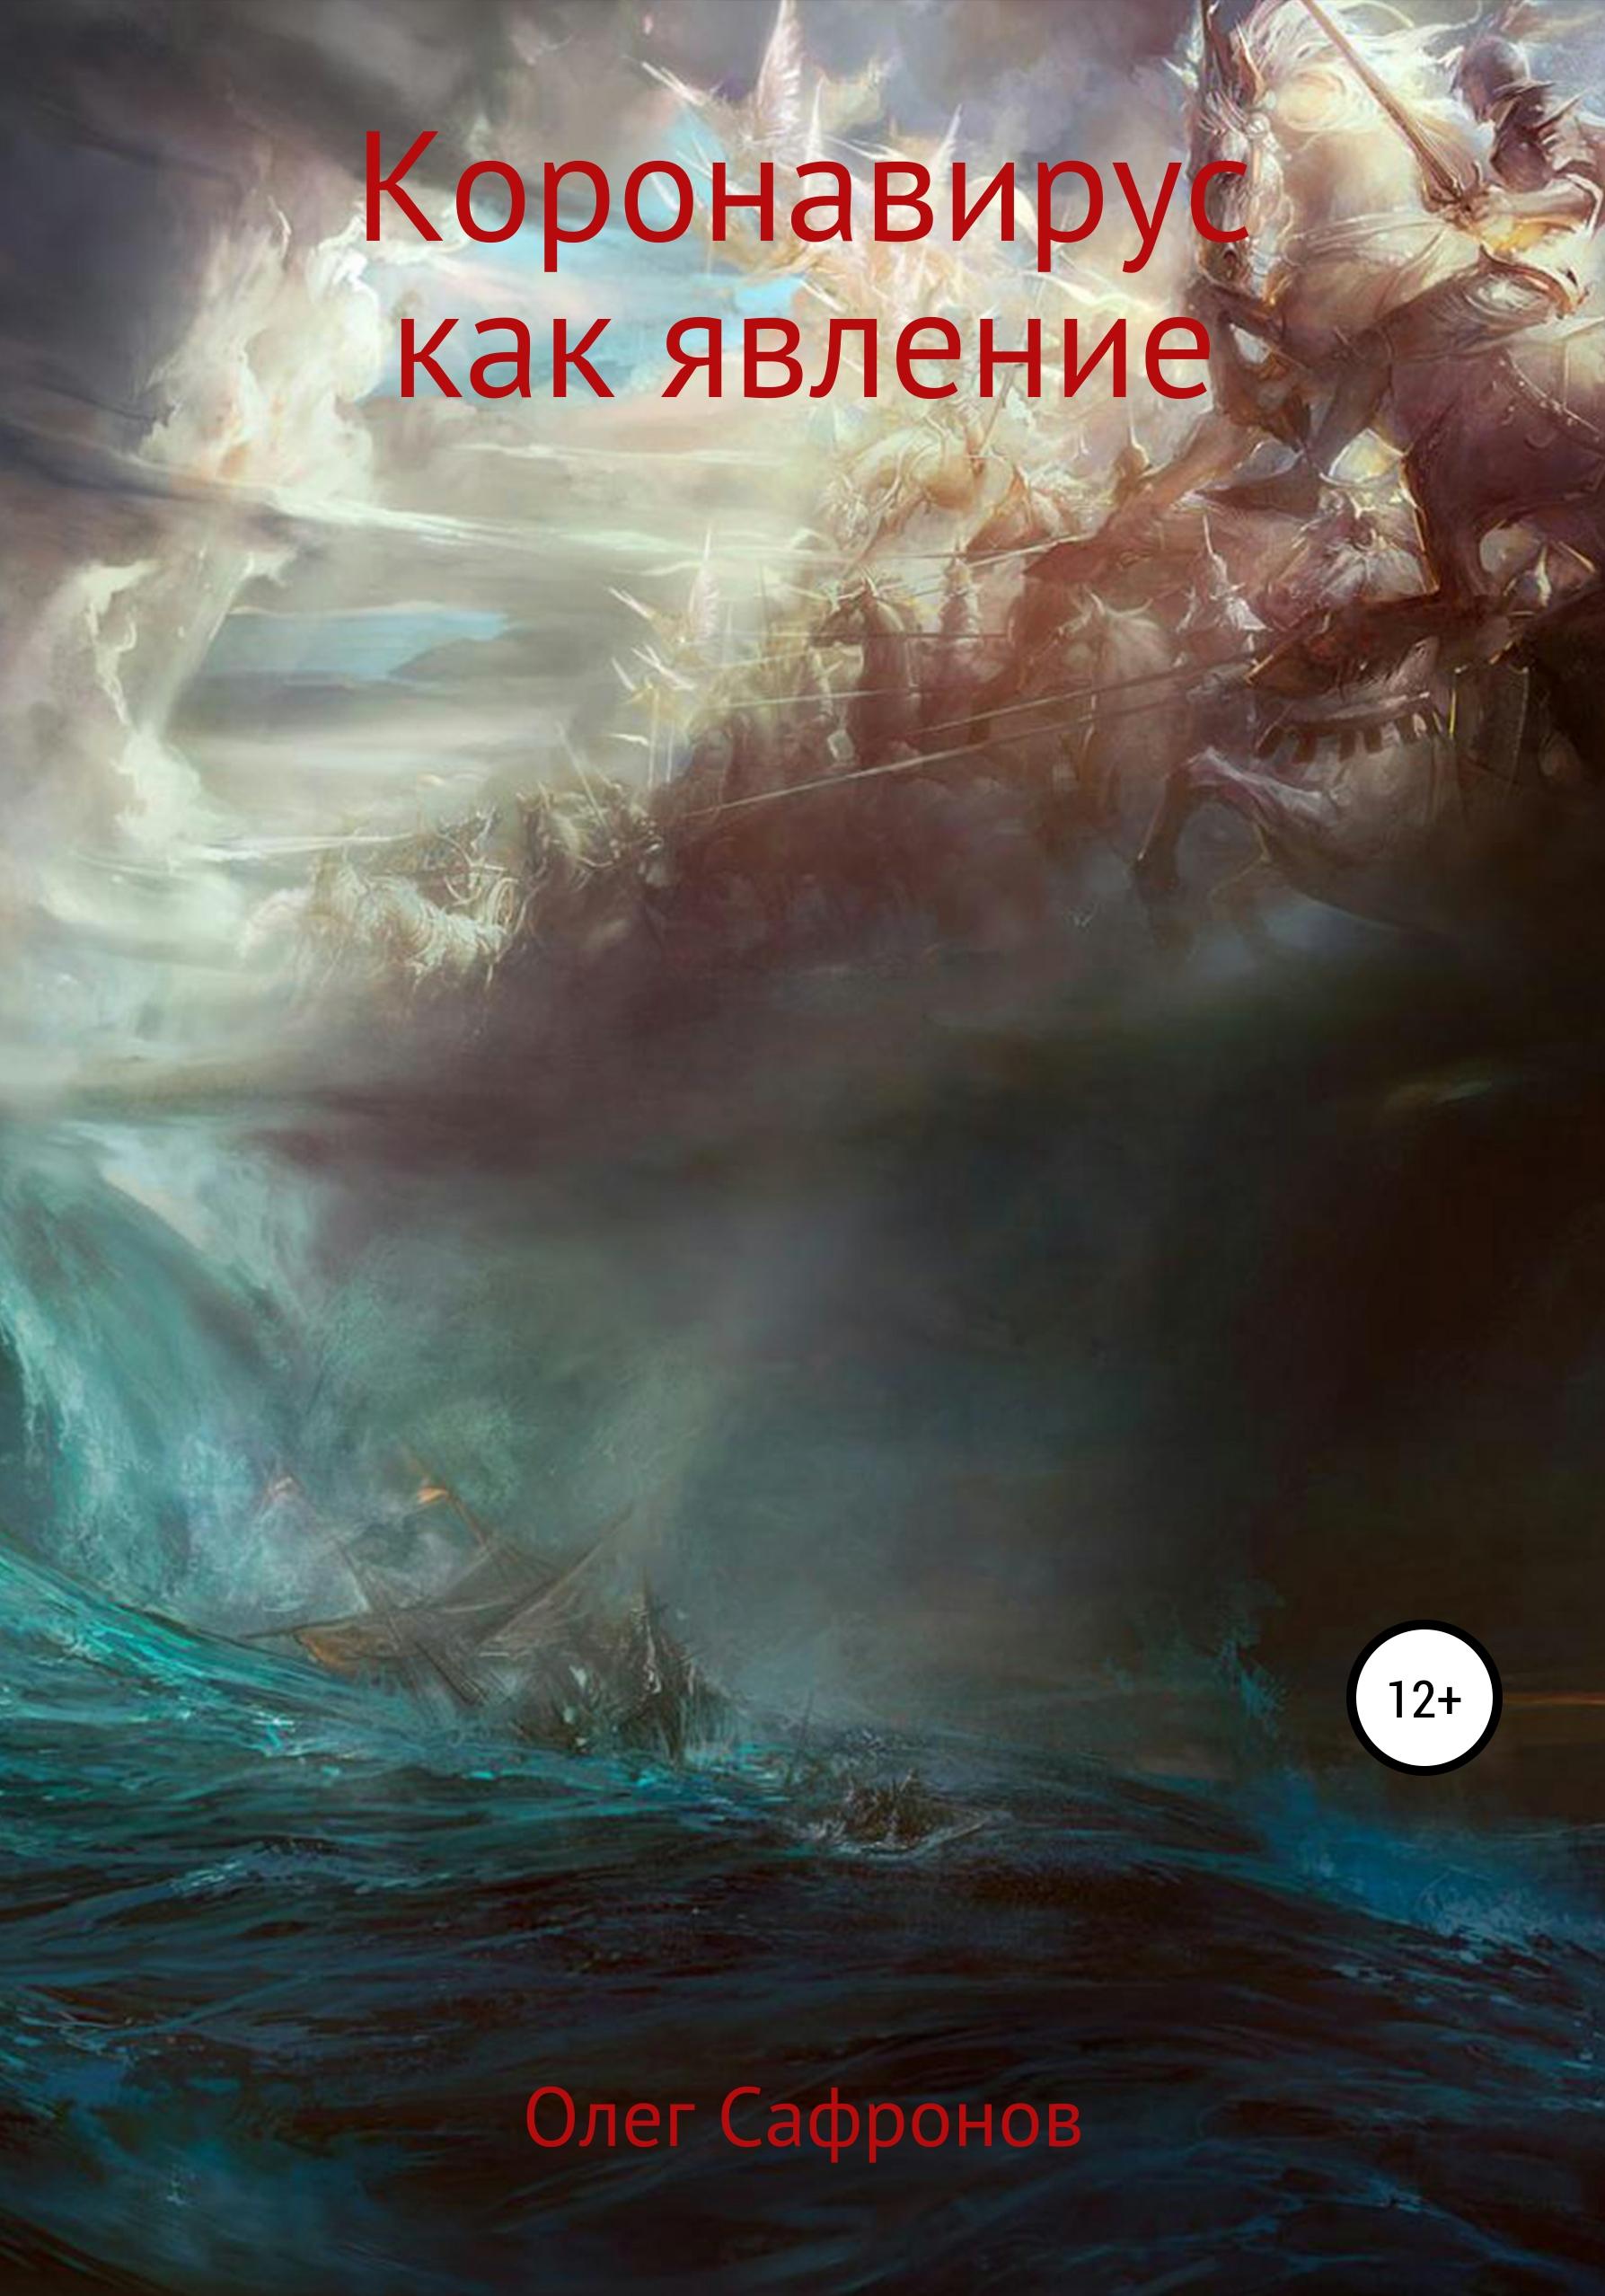 Купить книгу Коронавирус как явление, автора Олега Валентиновича Сафронова